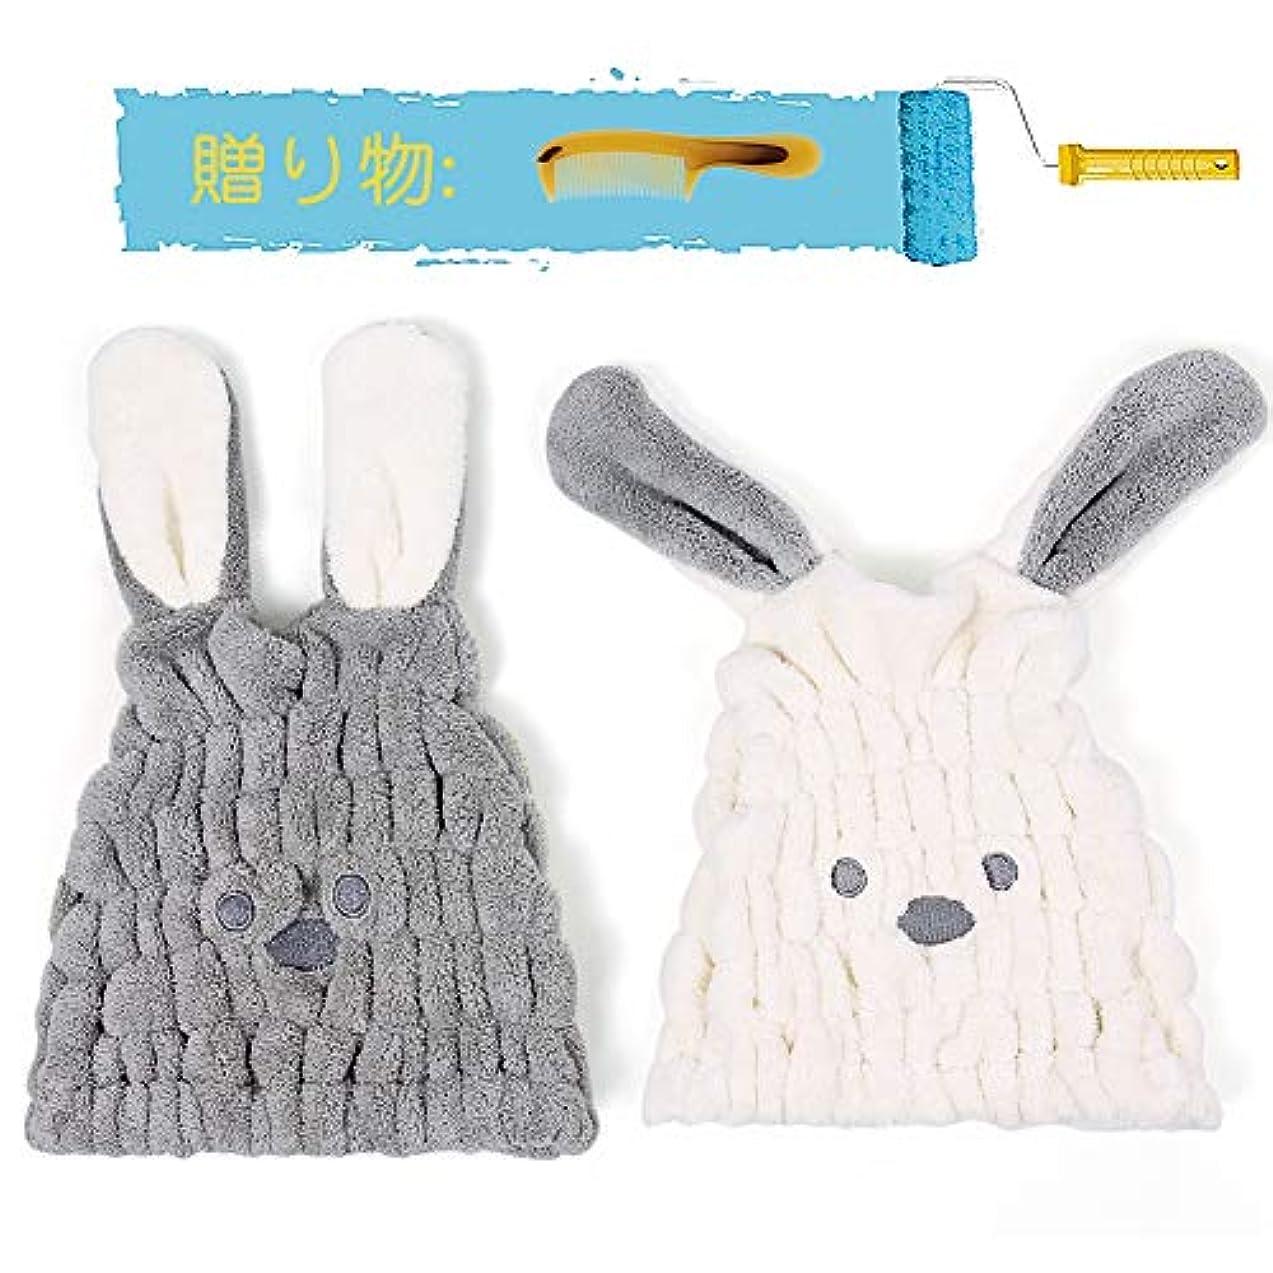 エスカレート個人的な申し込むWisptime シャワーキャップ ヘアドライタオル タオルキャップ 髪 吸水 速乾 ヘアキャップ タオル 大人 子供 お風呂上がり 風邪を防ぐ バス用品 ウサギ 2枚セット